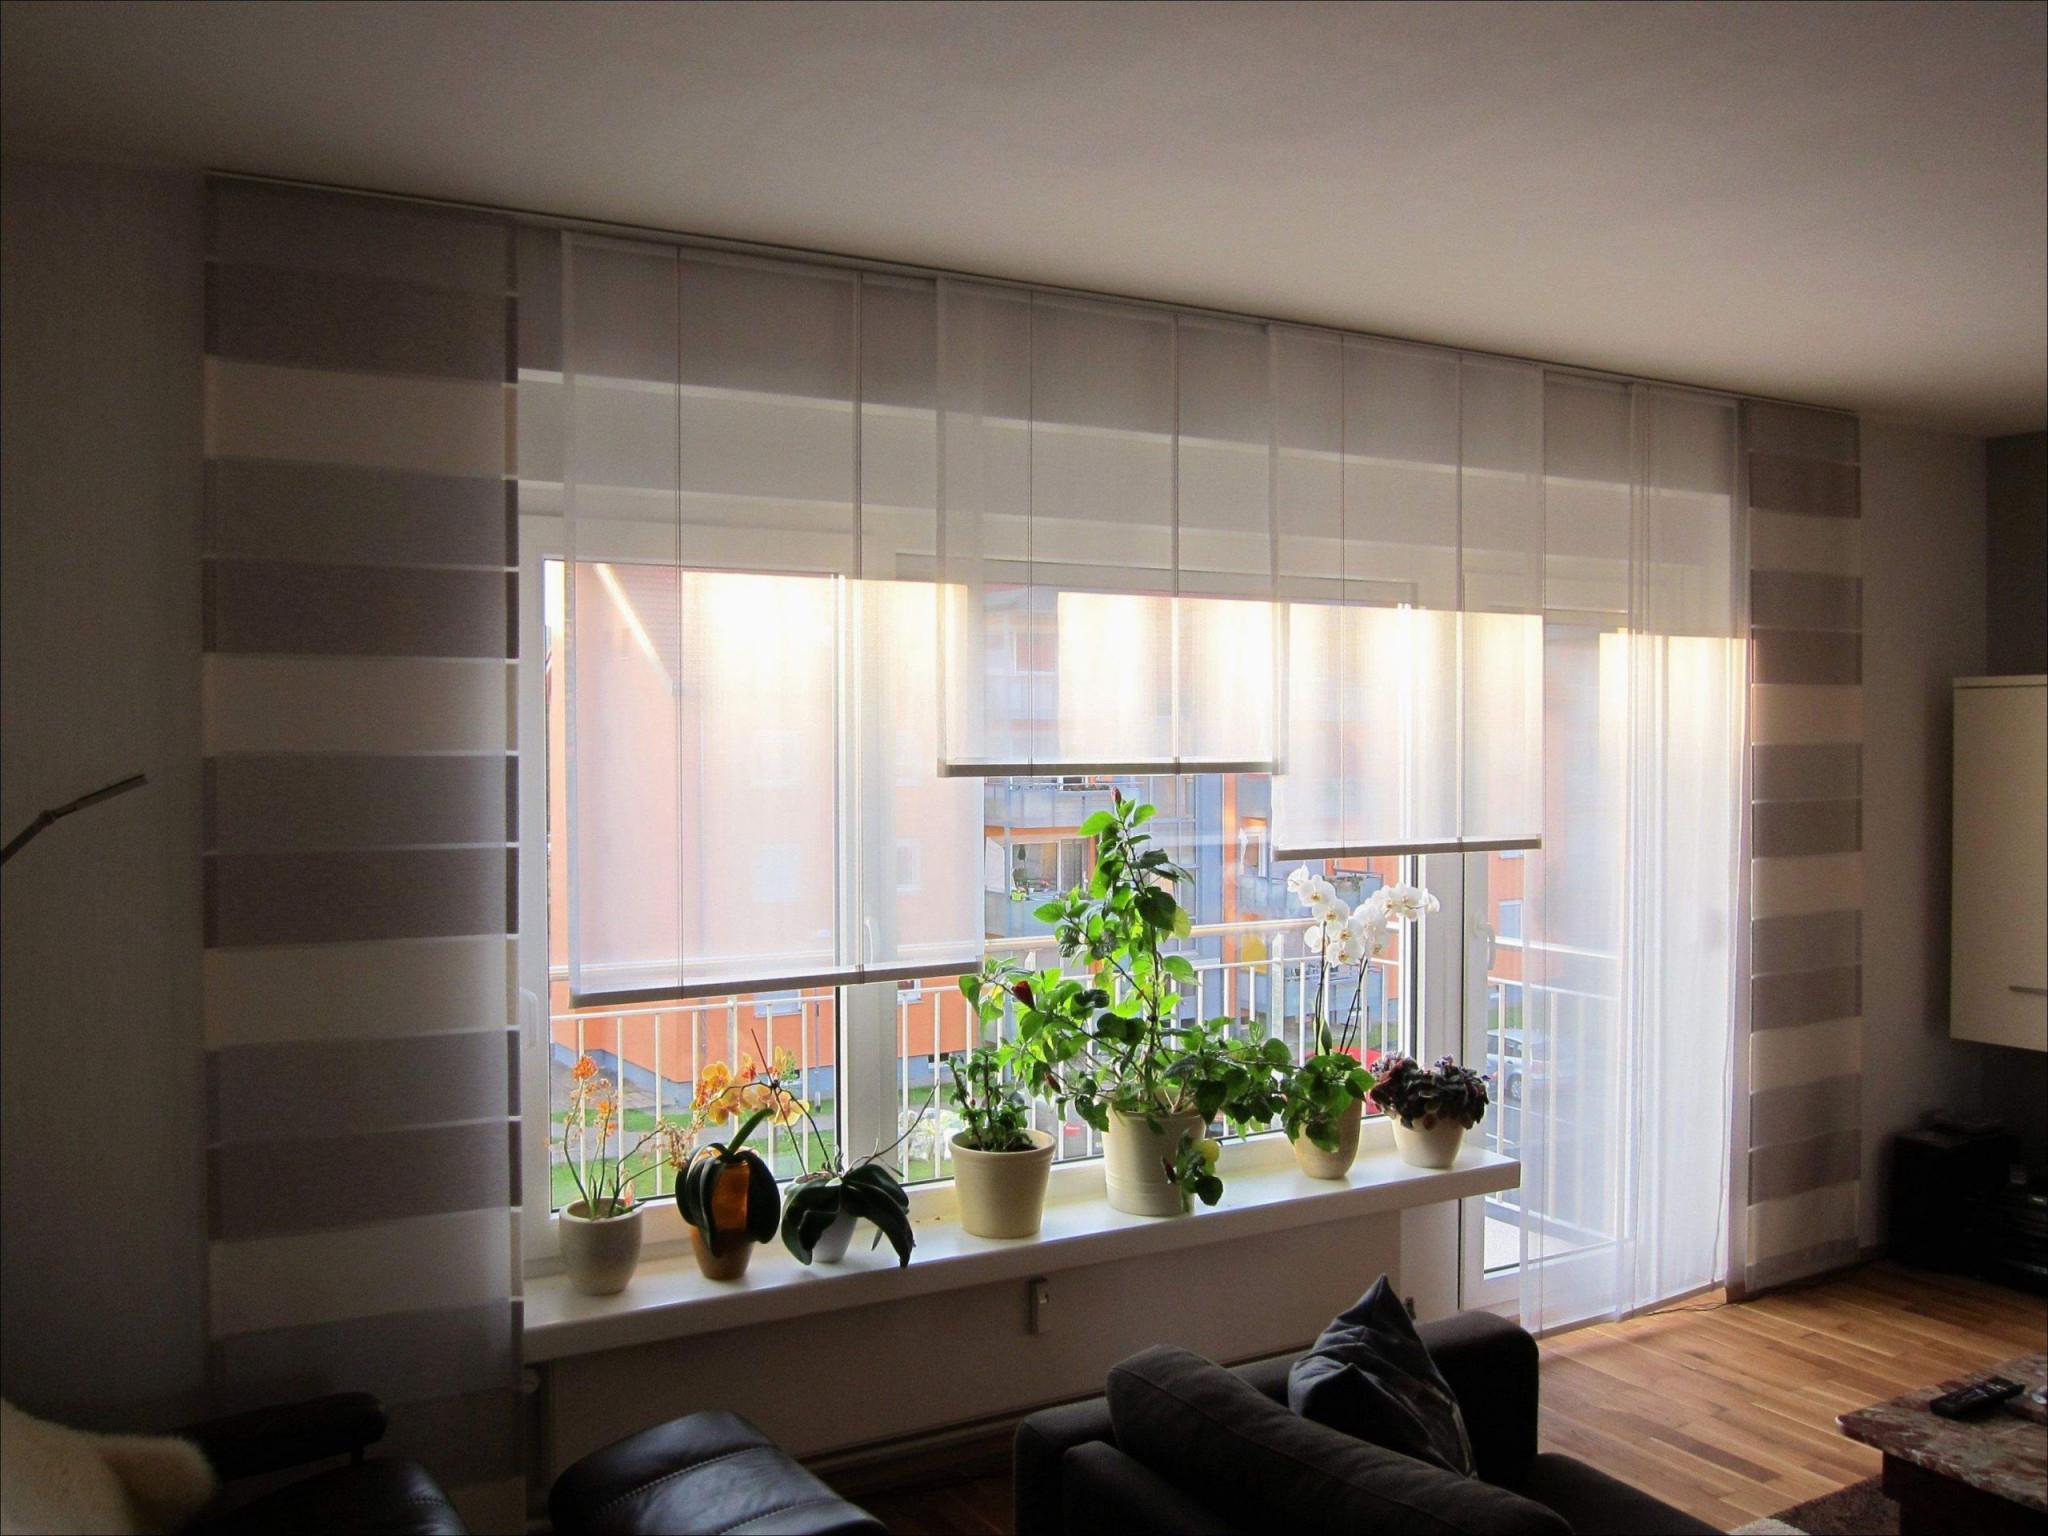 Wohnzimmer Gardine Das Beste Von 27 Das Beste Von Gardinen von Gardinen Wohnzimmer Mit Kräuselband Bild